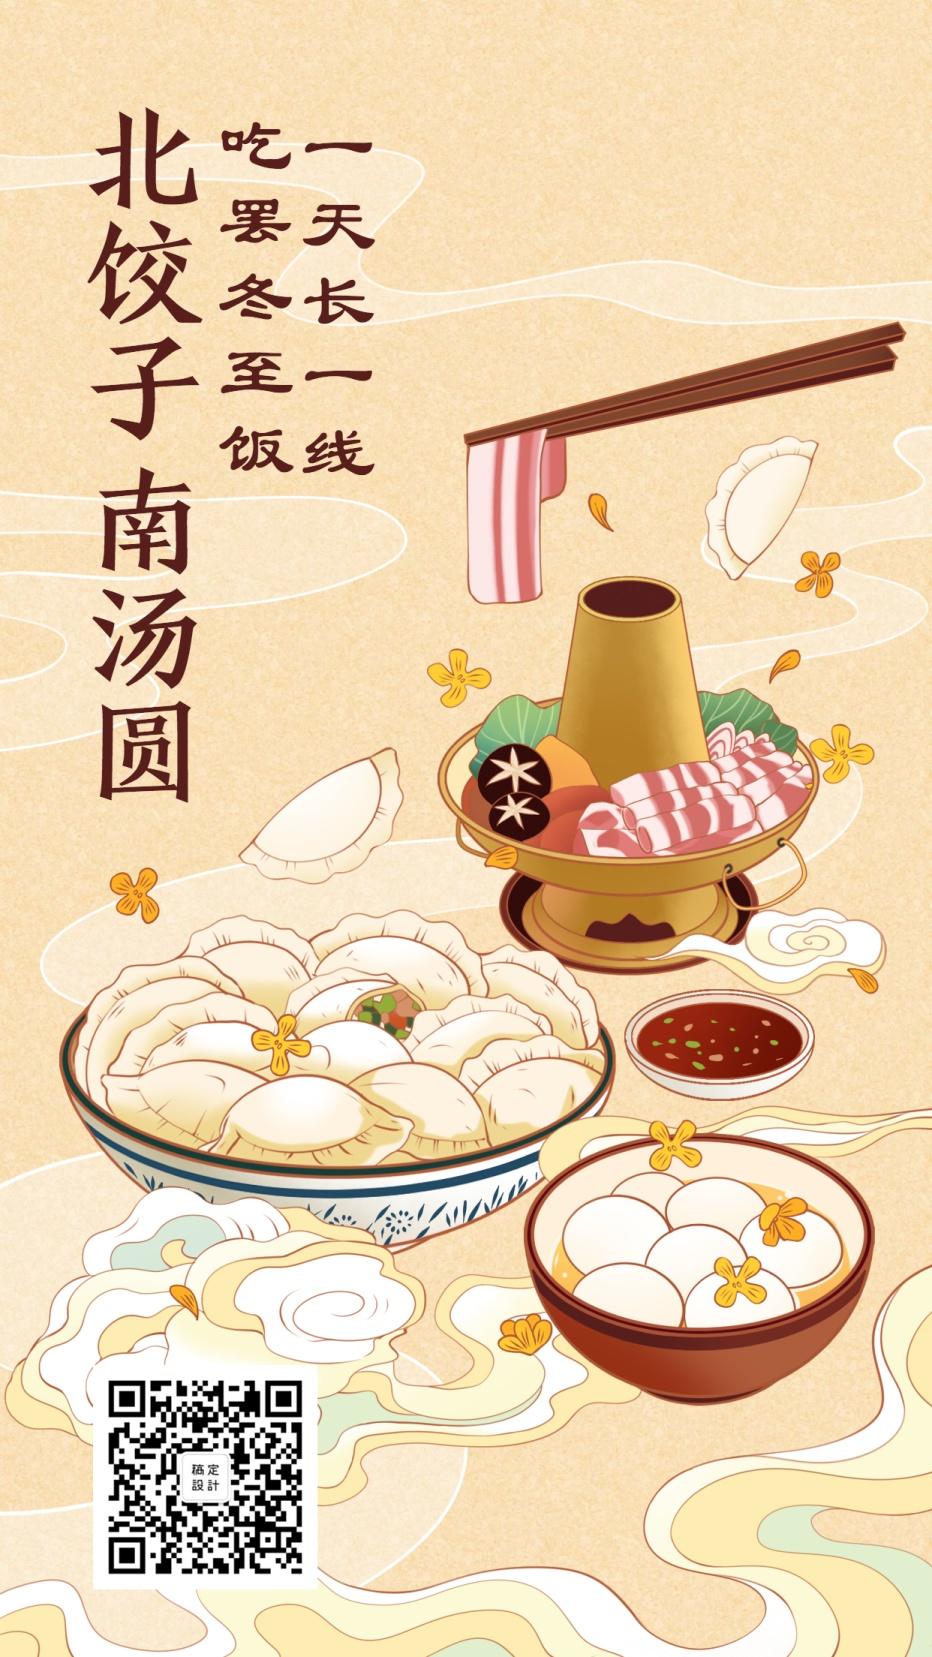 古风冬至手绘创意中国风节日节气手机海报